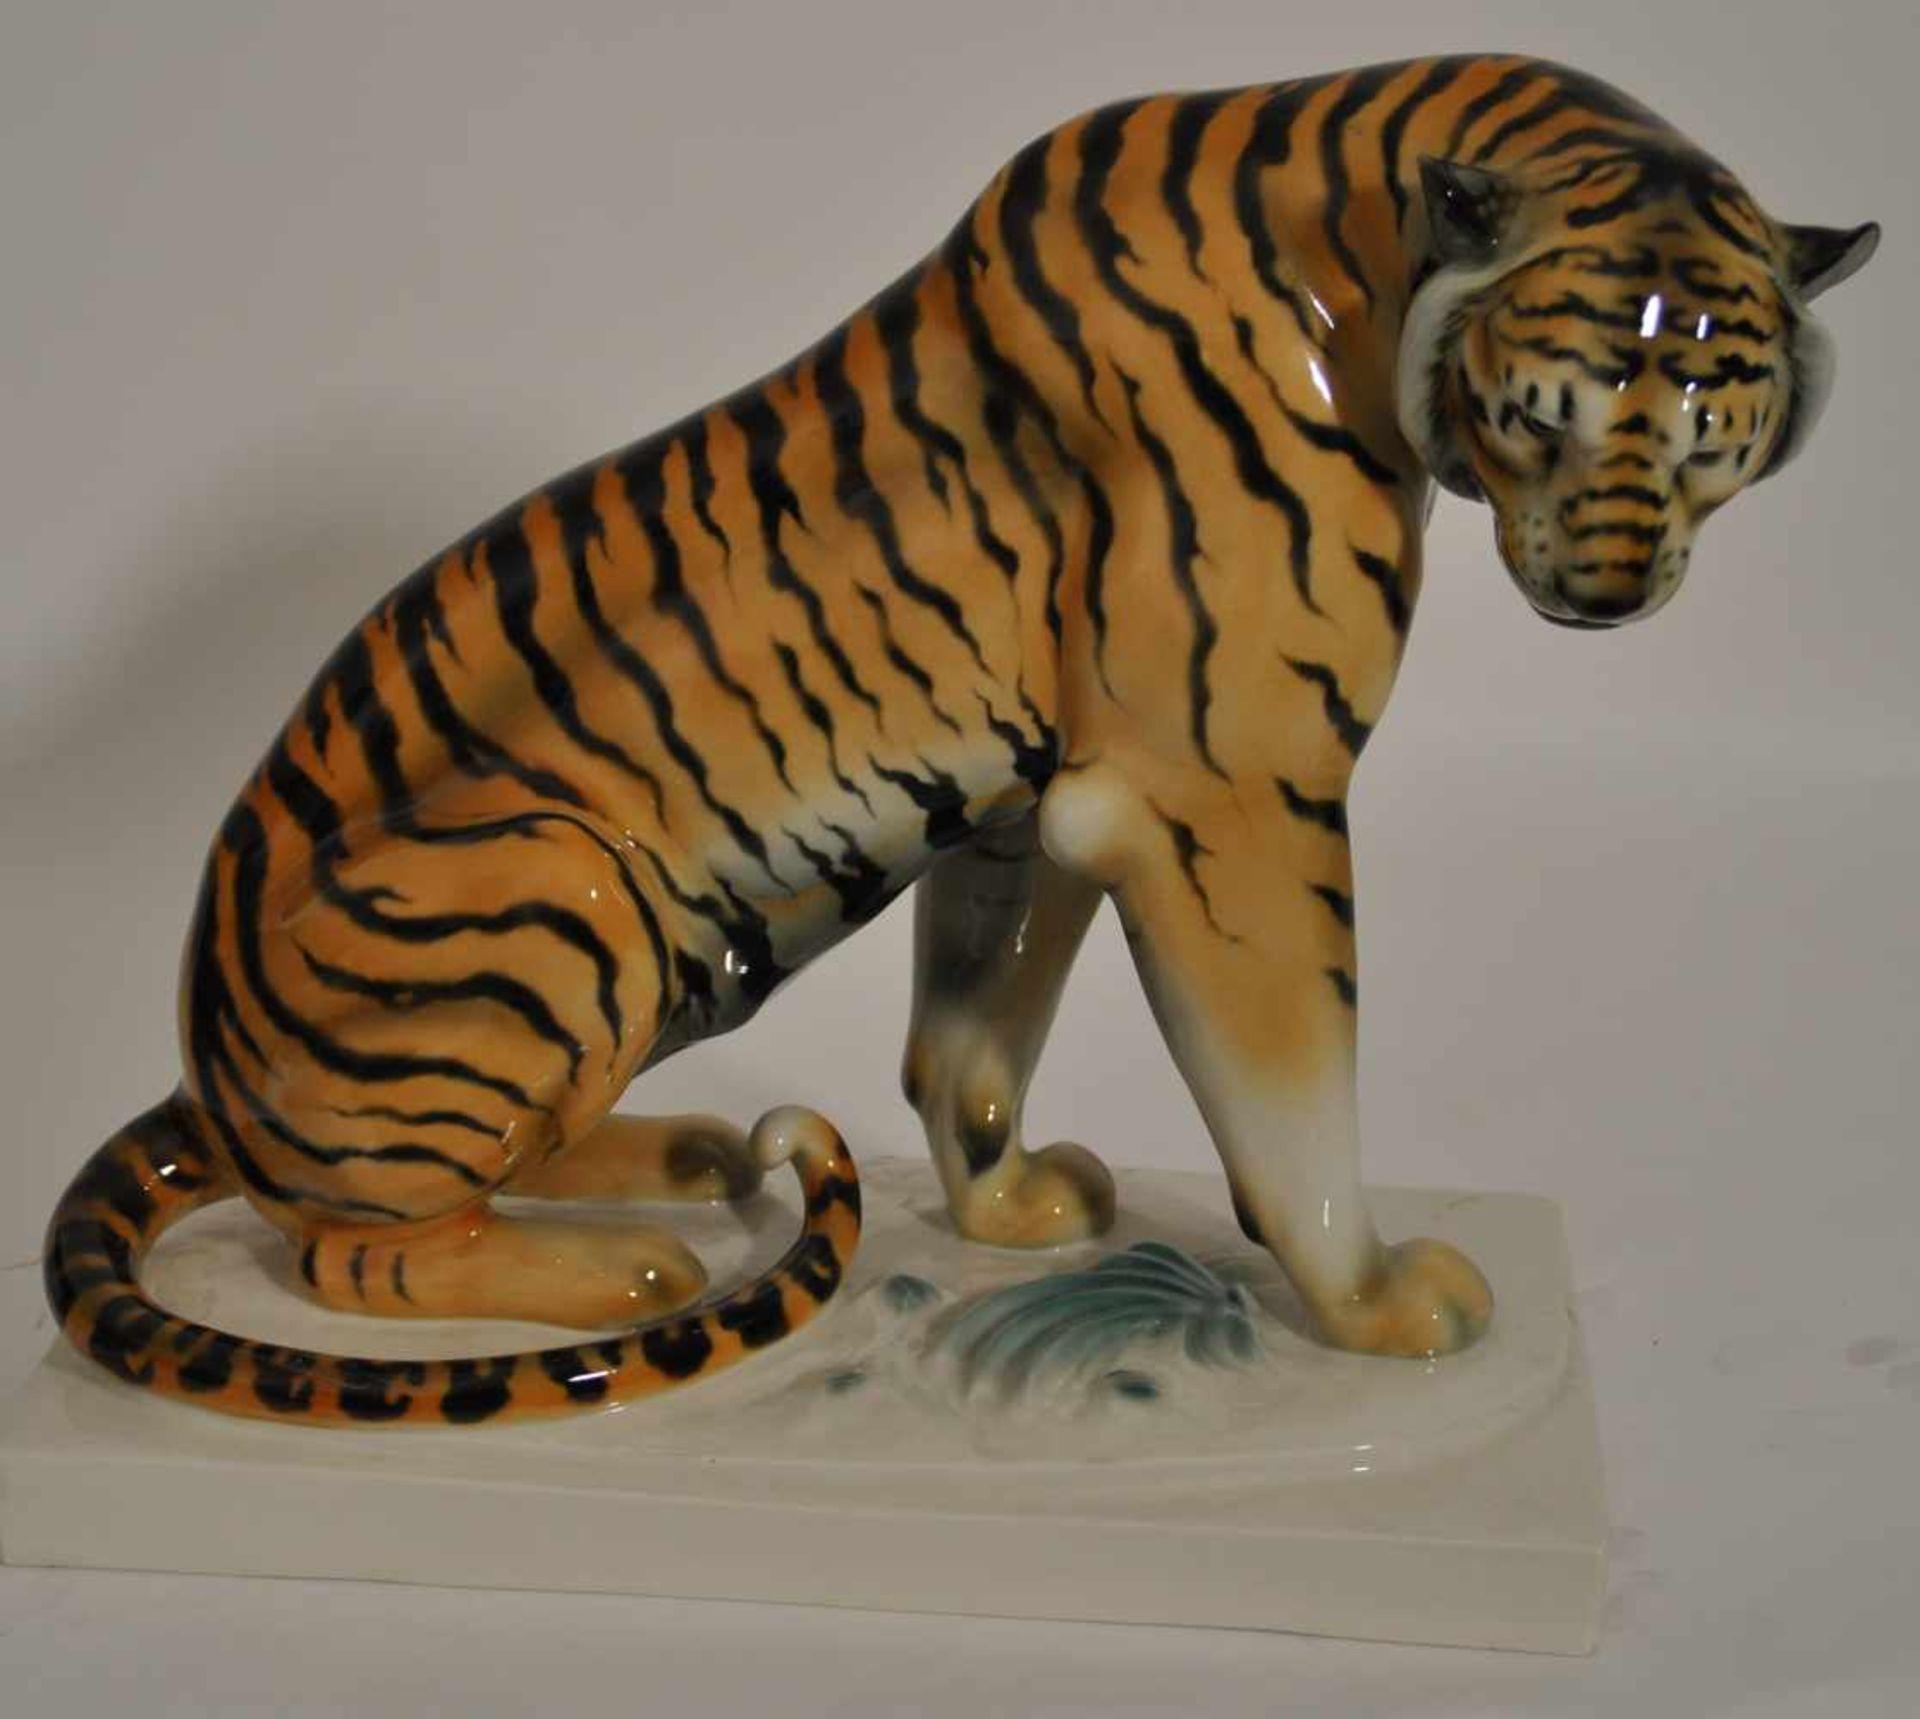 """Porzellanfigur,Sitzender Tiger"""", Schwarzburger Werkstätten, Fuchsmarke, Entwurf von Arthur Storch ("""